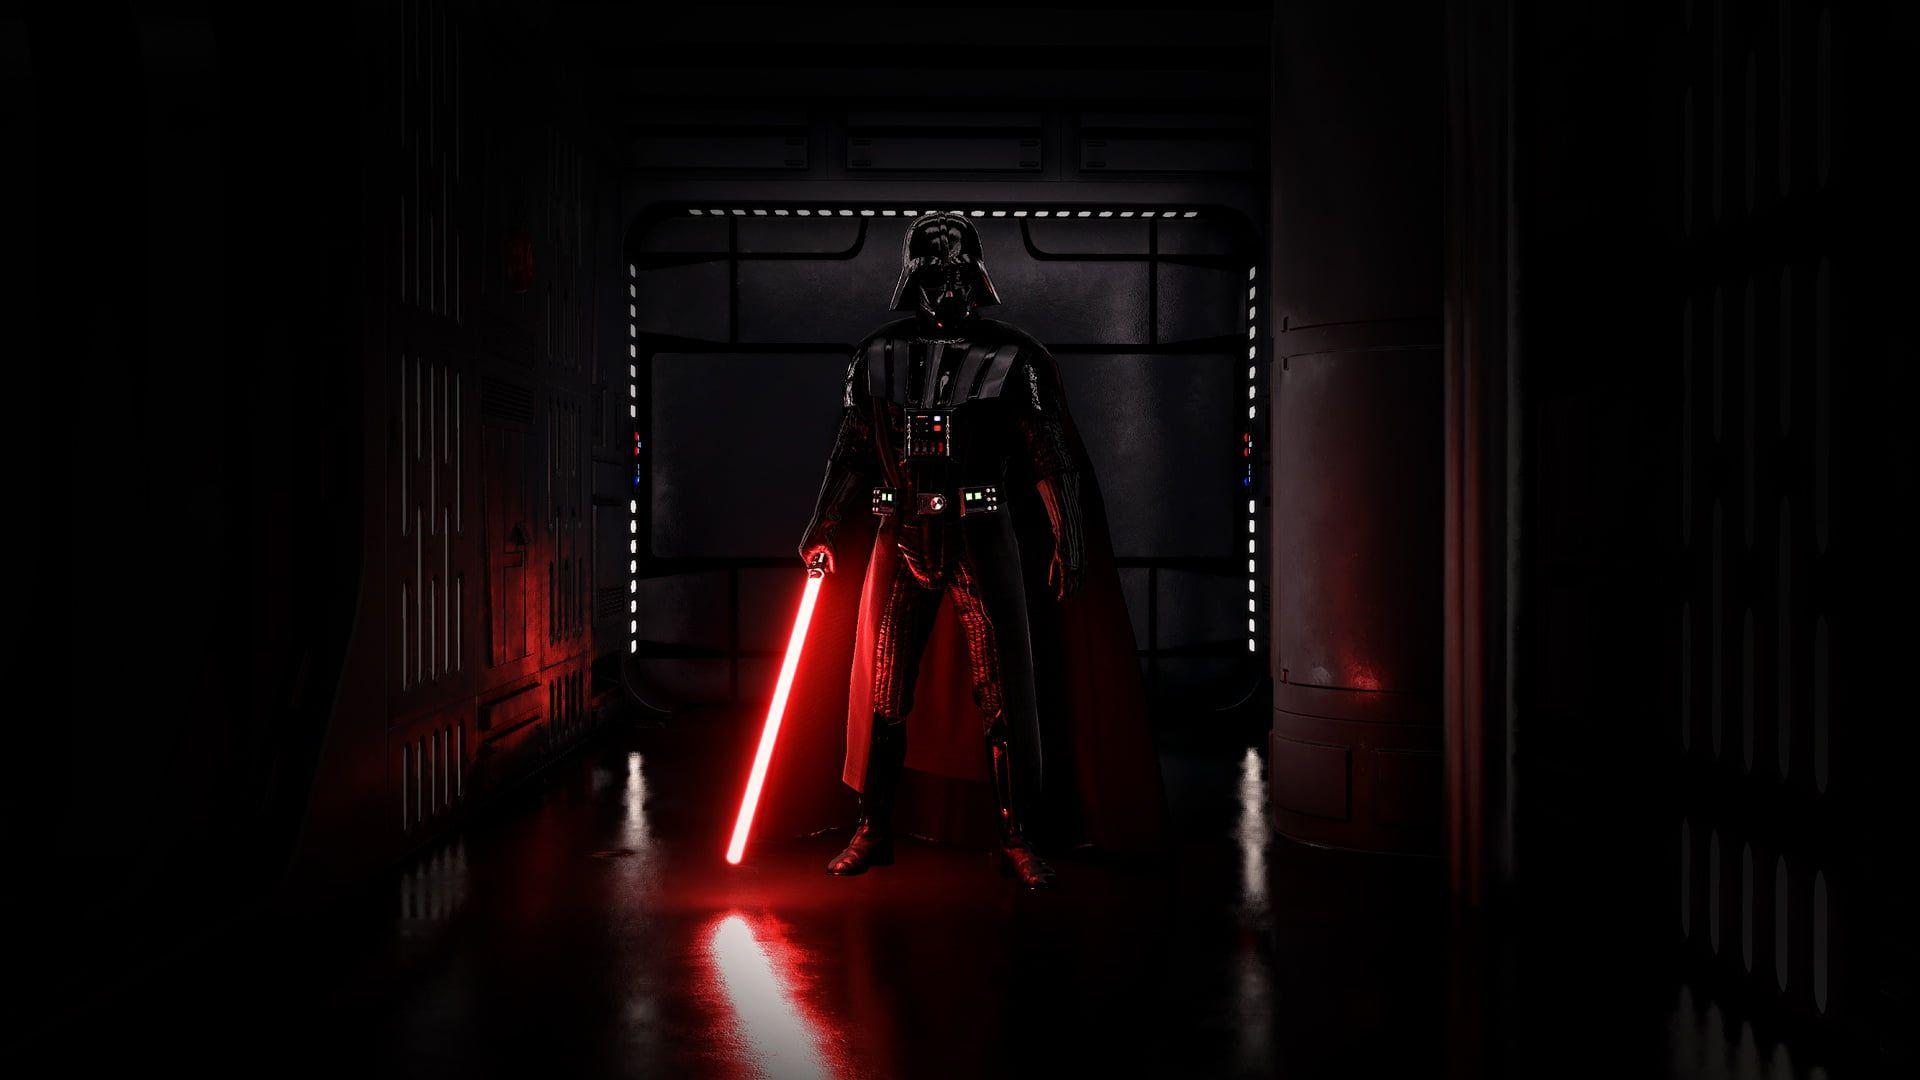 Darth Vader Star Wars Darth Vader Sith 5k Wallpaper Hdwallpaper Desktop Darth Vader Wallpaper Vader Star Wars Star Wars Villains